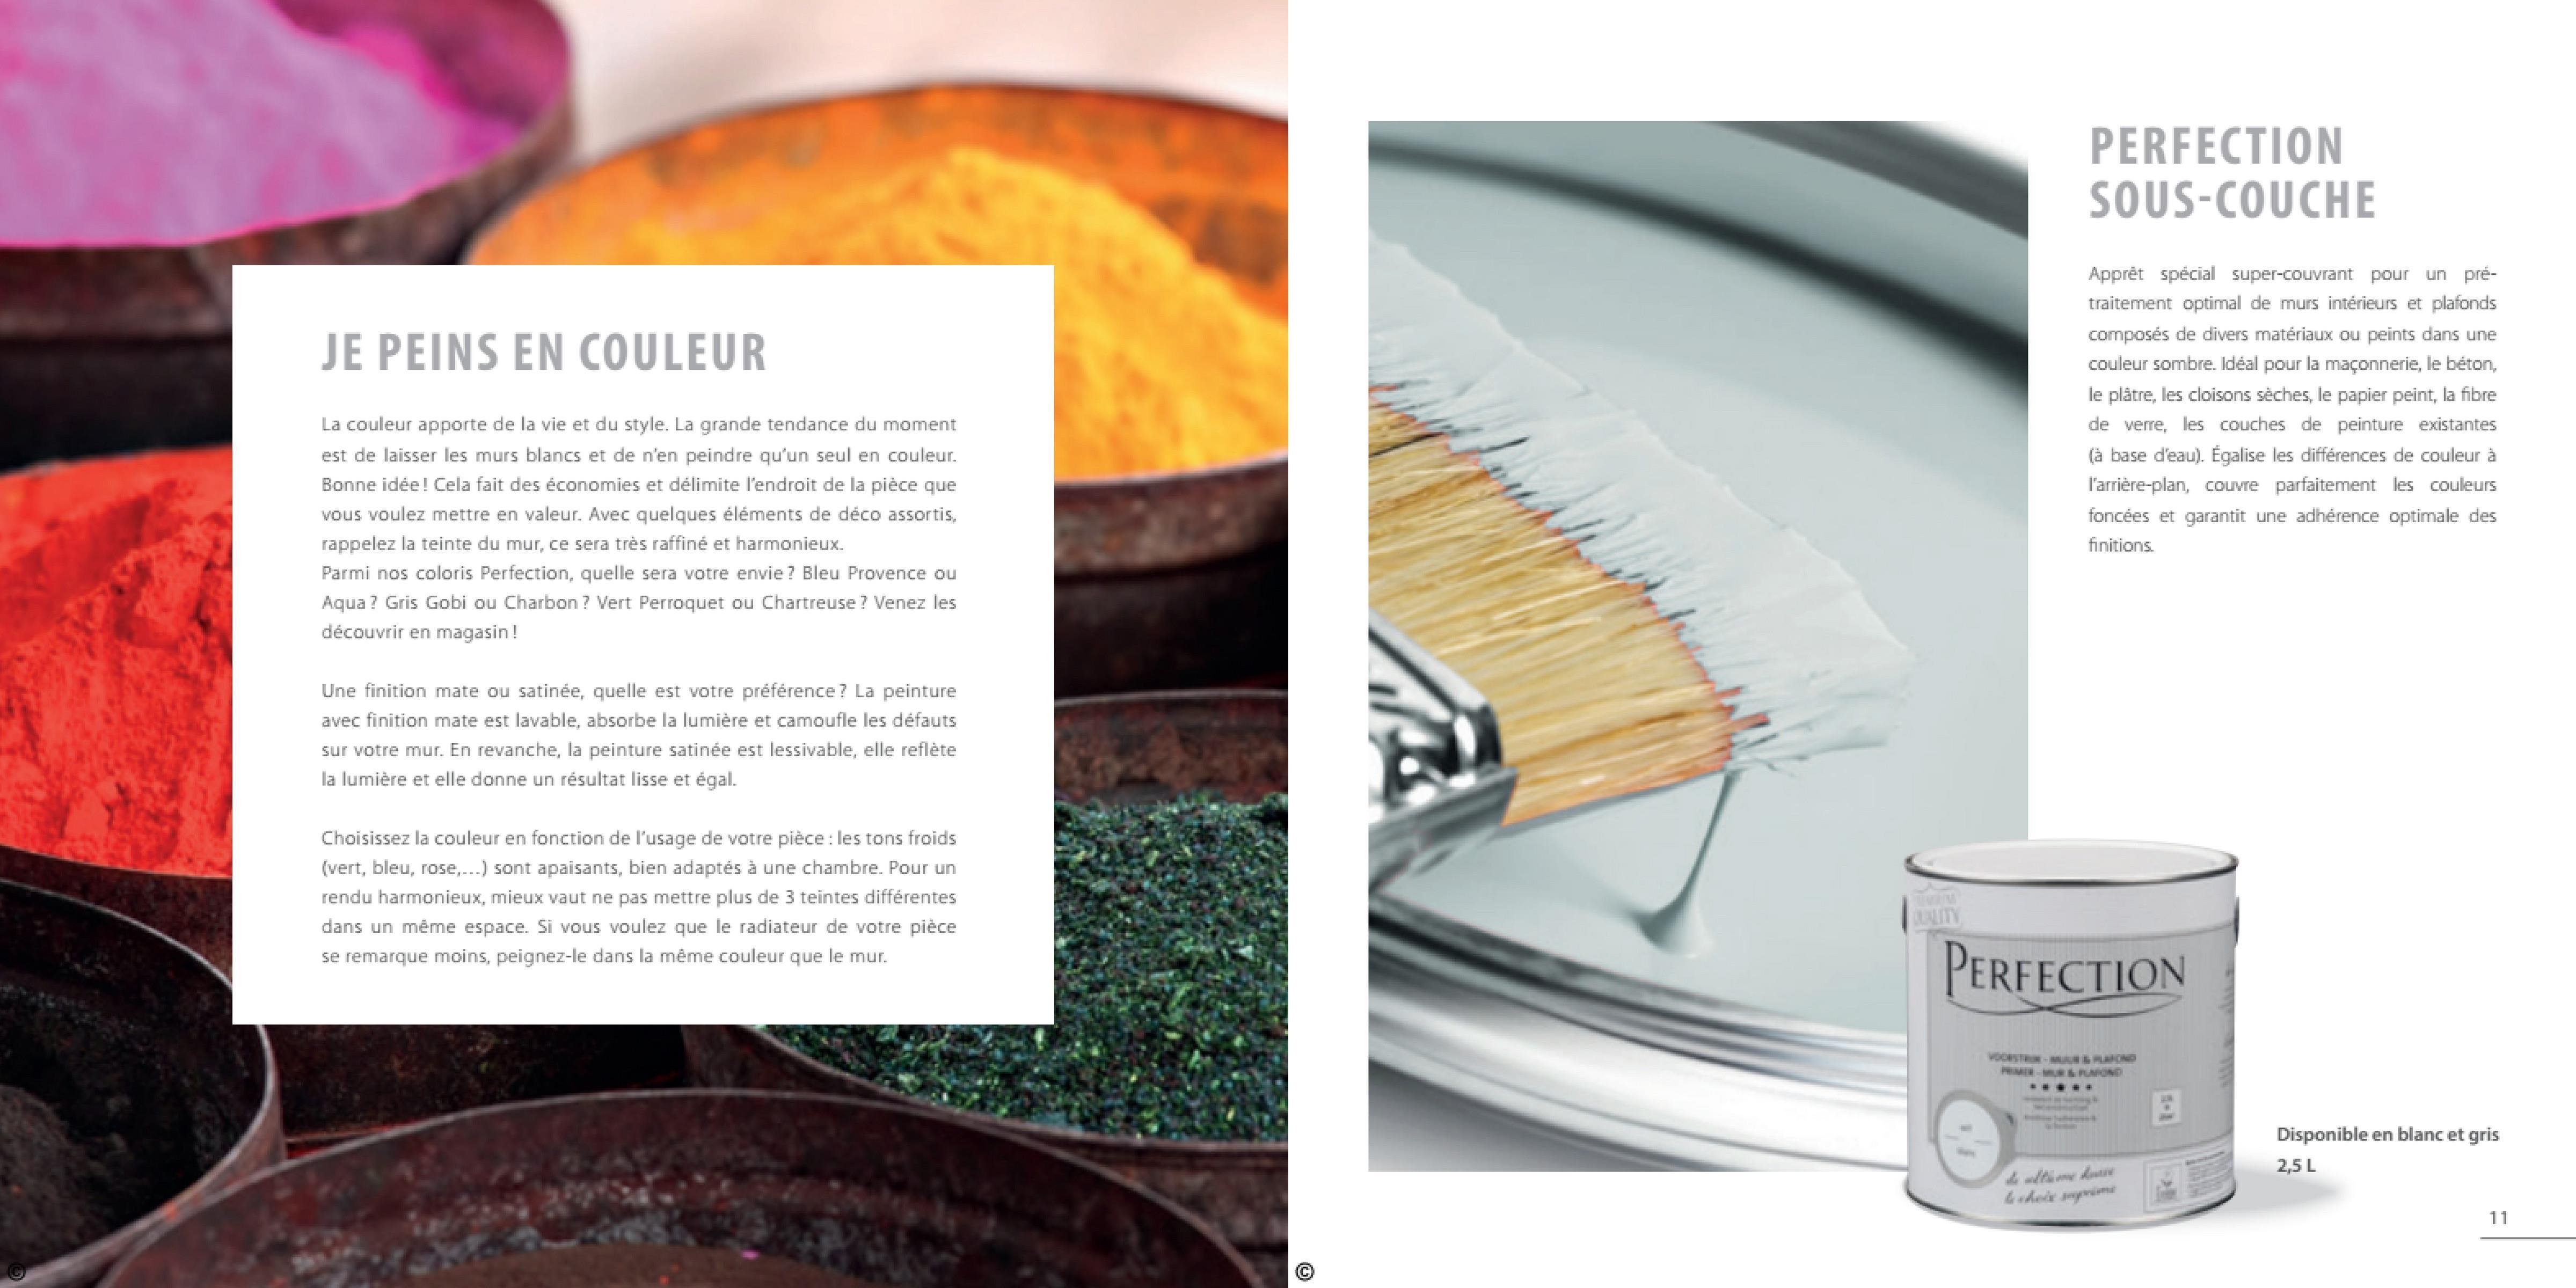 PERFECTION SOUS-COUCHE JE PEINS EN COULEUR Apprêt spécial super-couvrant pour un pré- traitement optimal de murs intérieurs et plafonds composés de divers matériaux ou peints dans une couleur sombre. Idéal pour la maçonnerie, le béton, le plätre, les cloisons sèches, le papier peint, la fibre de verre, les couches de peinture existantes (à base d'eau). Égalise les différences de couleur à l'arrière-plan, couvre parfaitement les couleurs foncées et garantit une adherence optimale des finitions La couleur apporte de la vie et du style. La grande tendance du moment est de laisser les murs blancs et de n'en peindre qu'un seul en couleur. Bonne idée! Cela fait des économies et délimite l'endroit de la pièce que vous voulez mettre en valeur. Avec quelques éléments de déco assortis, rappelez la teinte du mur, ce sera très raffiné et harmonieux. Parmi nos coloris Perfection, quelle sera votre envie ? Bleu Provence ou Aqua? Gris Gobi ou Charbon ? Vert Perroquet ou Chartreuse ? Venez les découvrir en magasin! Une finition mate ou satinée, quelle est votre préférence? La peinture avec finition mate est lavable, absorbe la lumière et camoufle les défauts sur votre mur. En revanche, la peinture satinée est lessivable, elle reflète la lumière et elle donne un résultat lisse et égal. Choisissez la couleur en fonction de l'usage de votre pièce : les tons froids (vert, bleu, rose,...) sont apaisants, bien adaptés à une chambre. Pour un rendu harmonieux, mieux vaut ne pas mettre plus de 3 teintes différentes dans un même espace. Si vous voulez que le radiateur de votre pièce se remarque moins, peignez-le dans la même couleur que le mur. PERFECTION VOORTER TELO Disponible en blanc et gris 2,5 L ਡੀ ਕੱਪ ਦੇ او بود. ان مدد کی